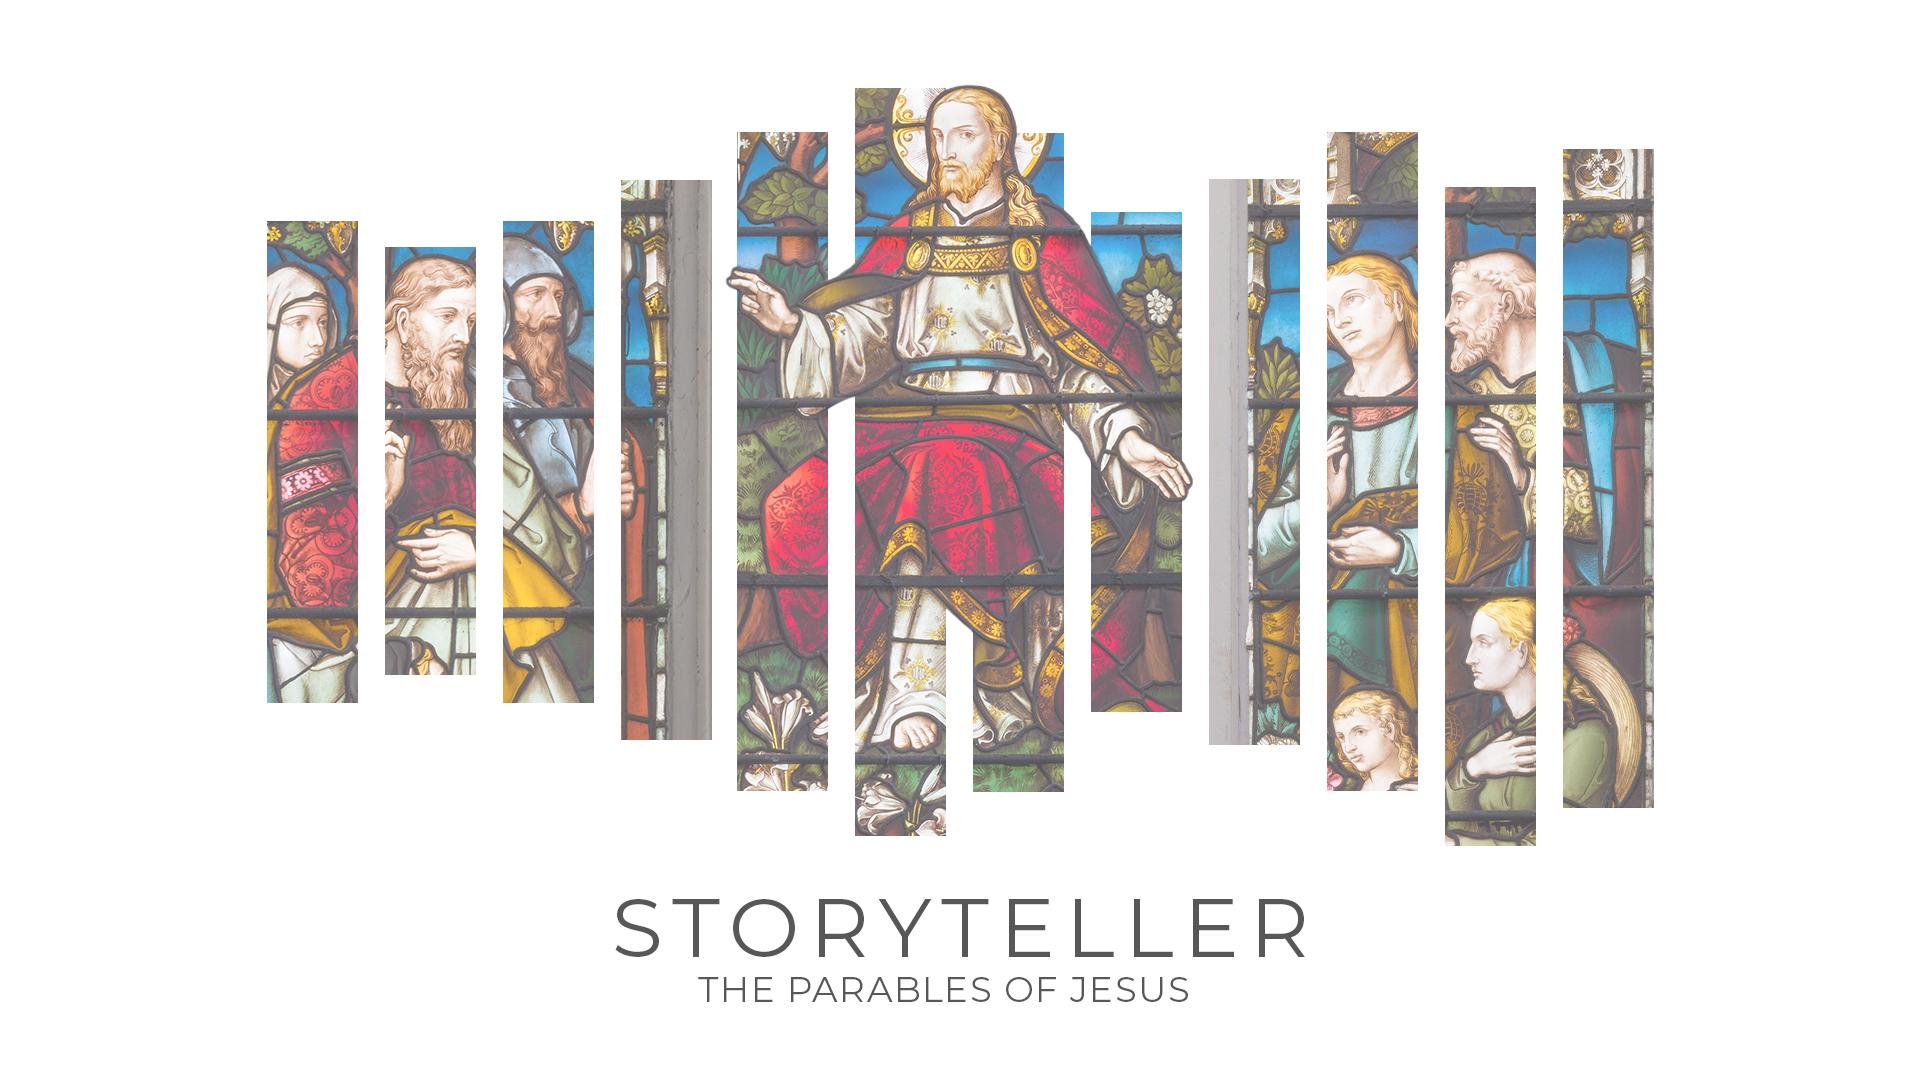 Storyteller_1920x1080.jpg